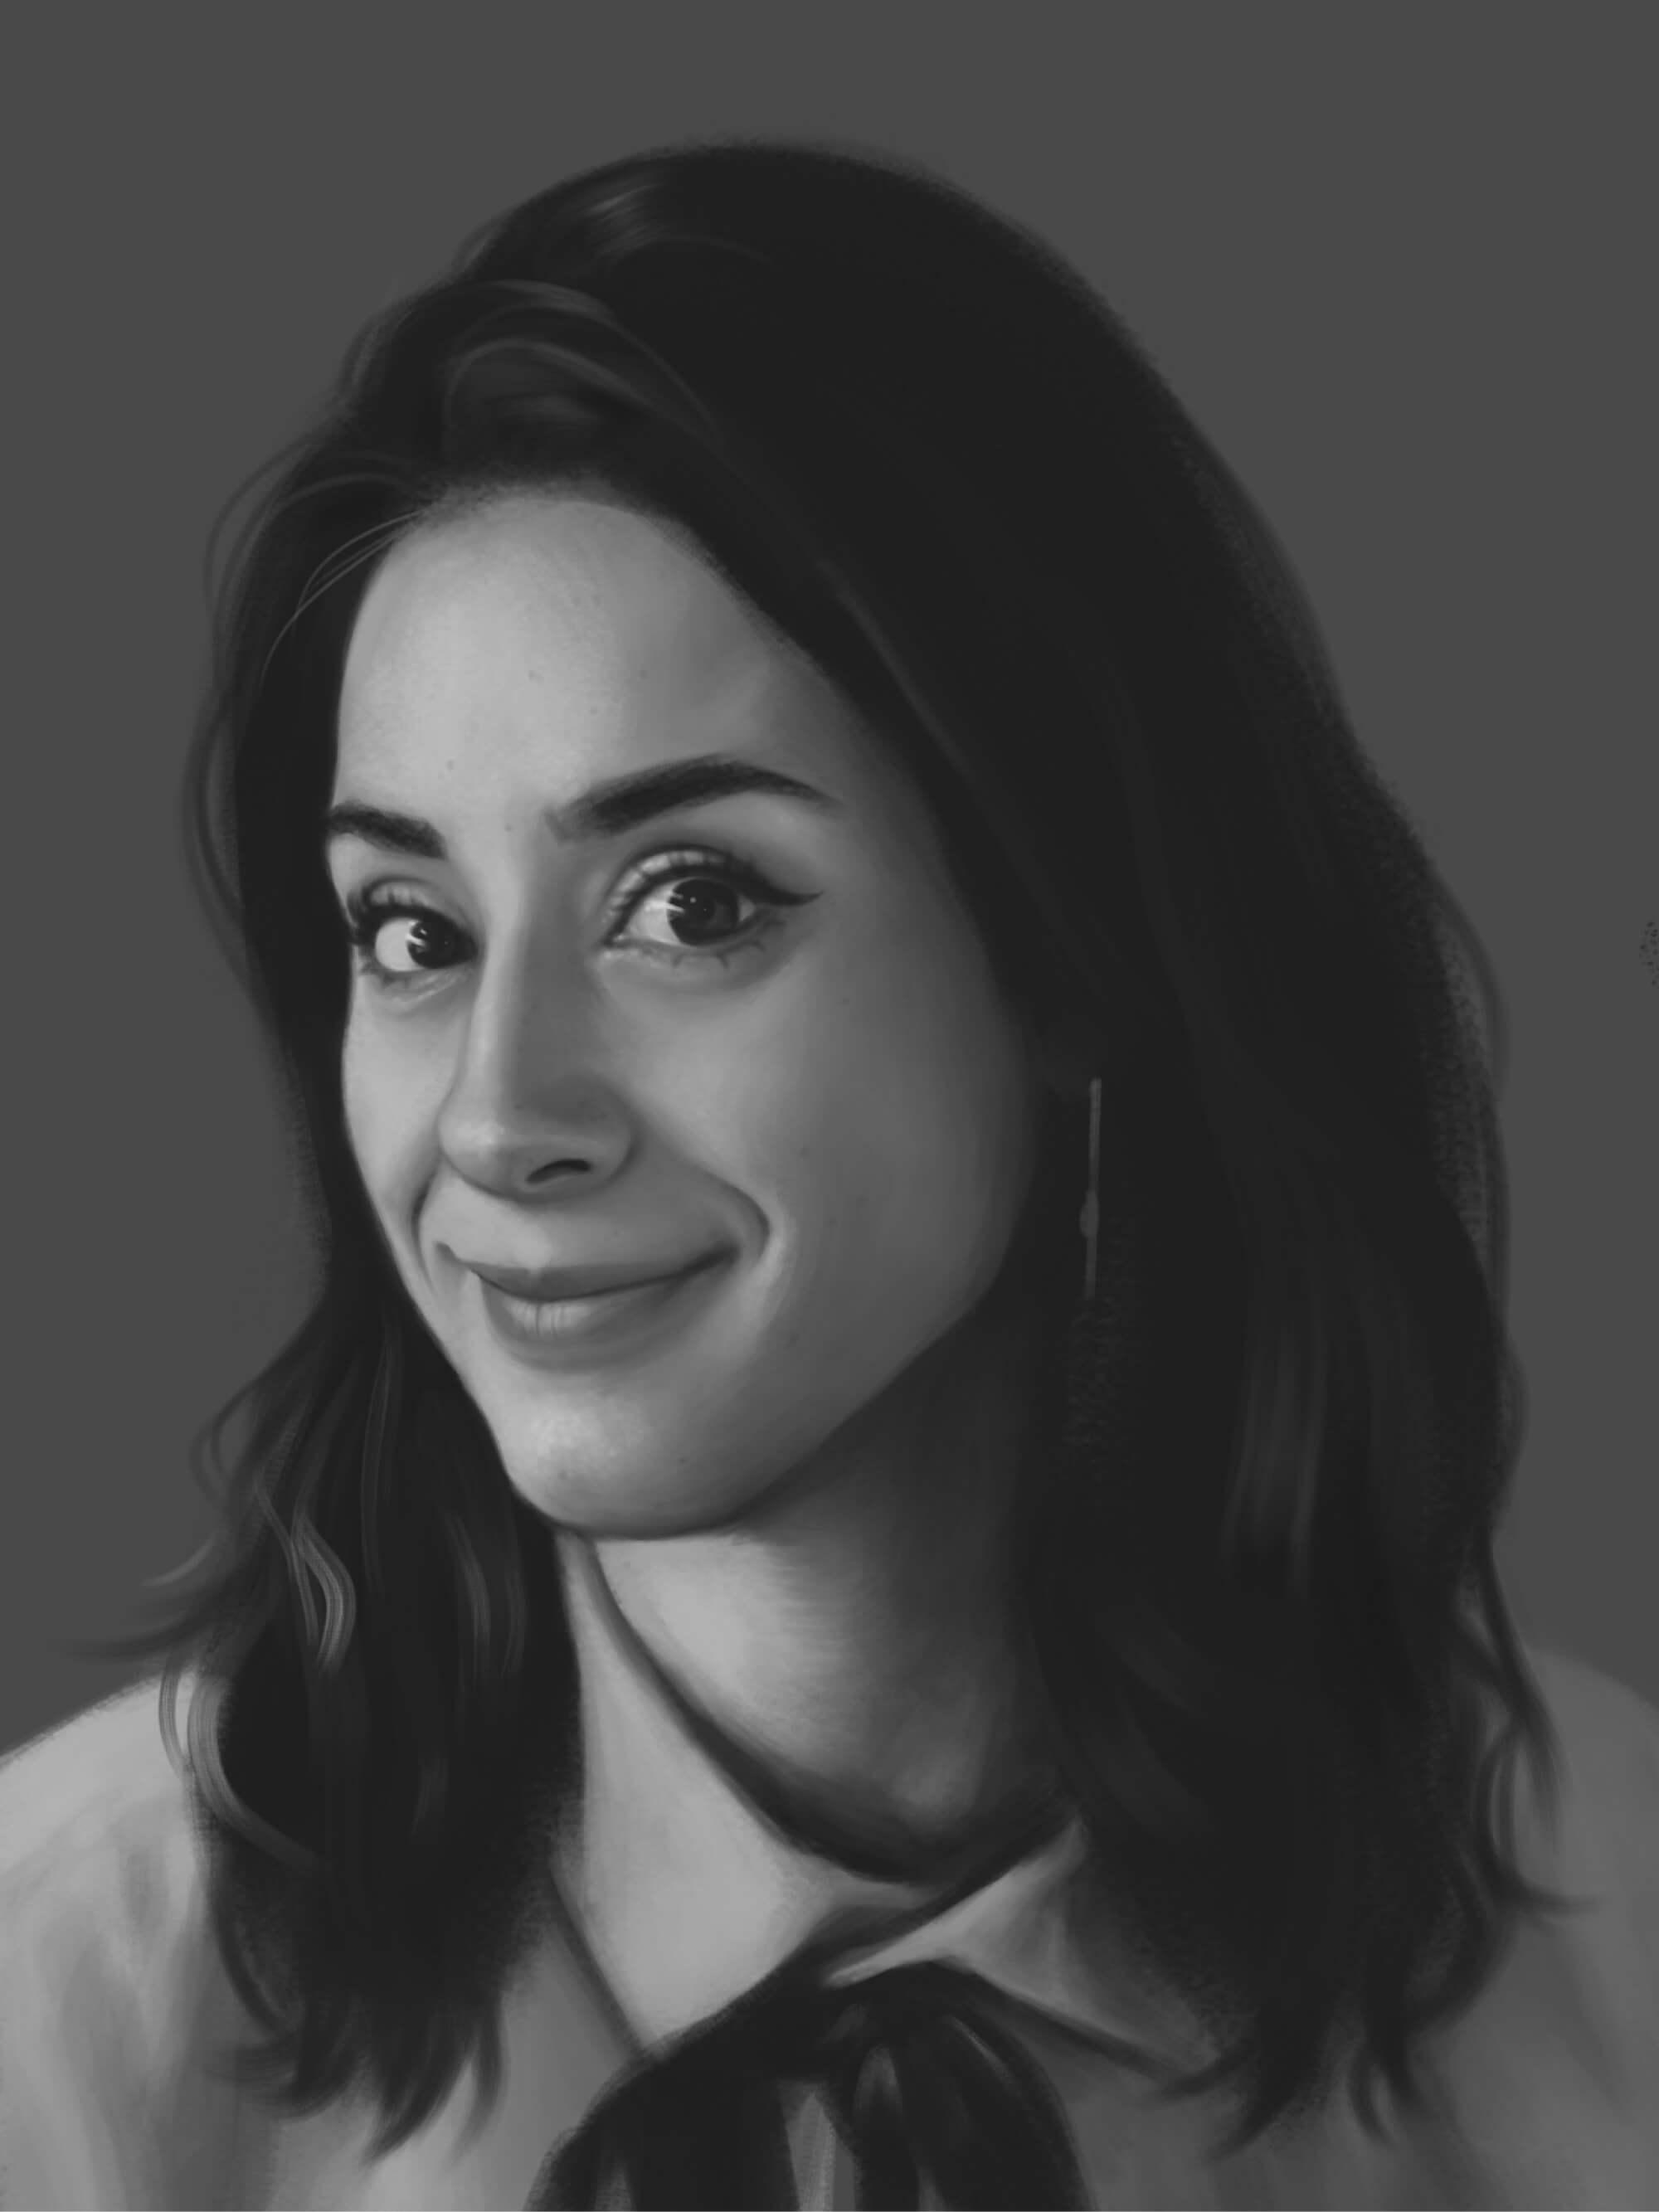 headshot illustration of a female